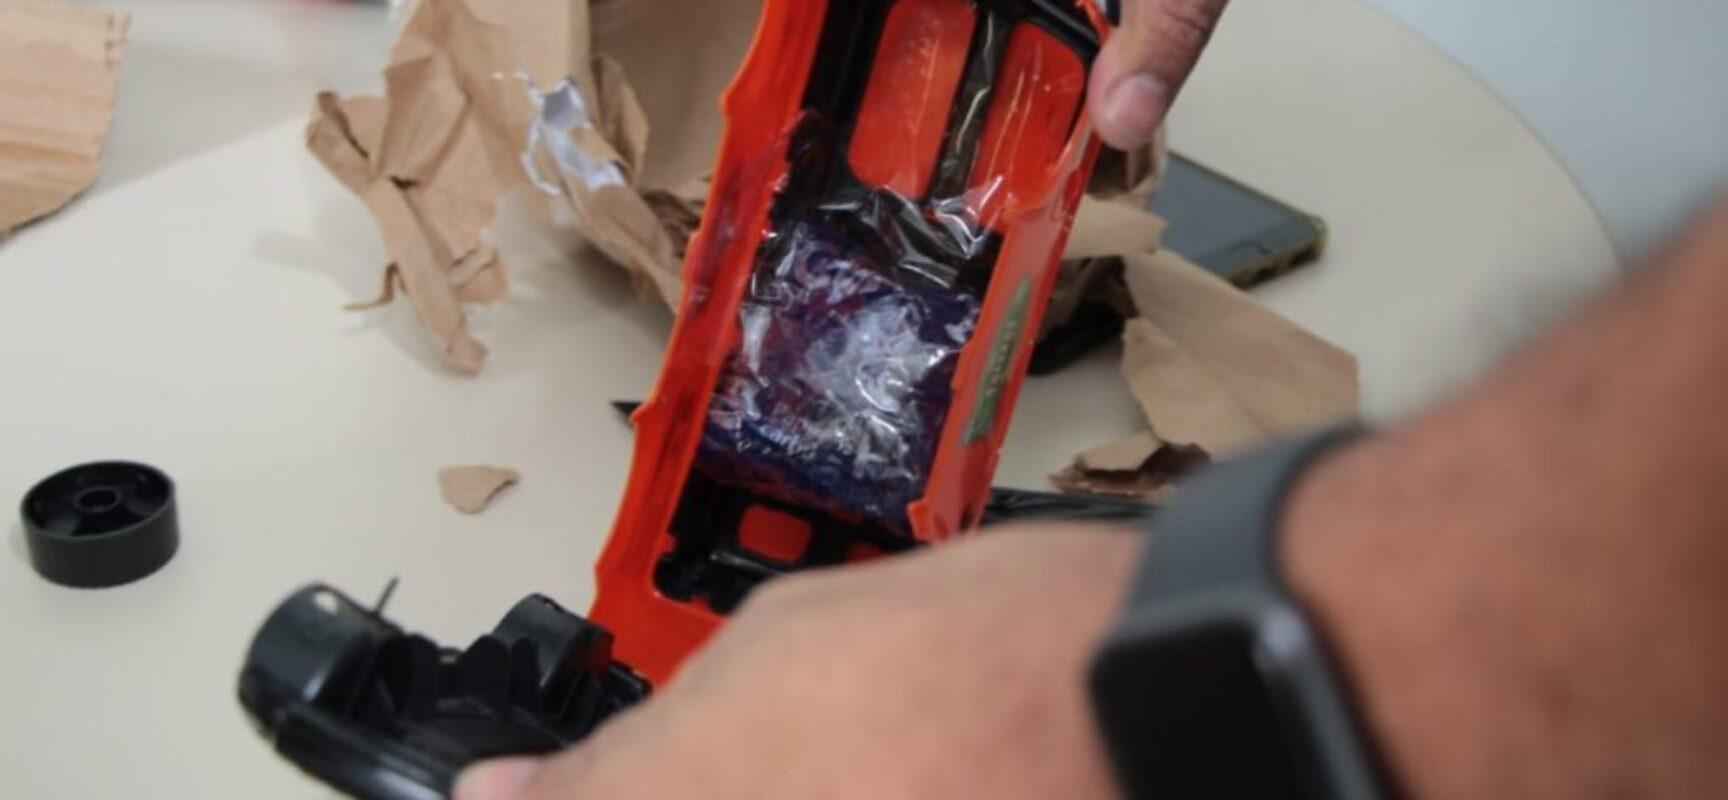 Polícia apreende 100 comprimidos de ecstasy em carrinho de brinquedo despachado pelos Correios